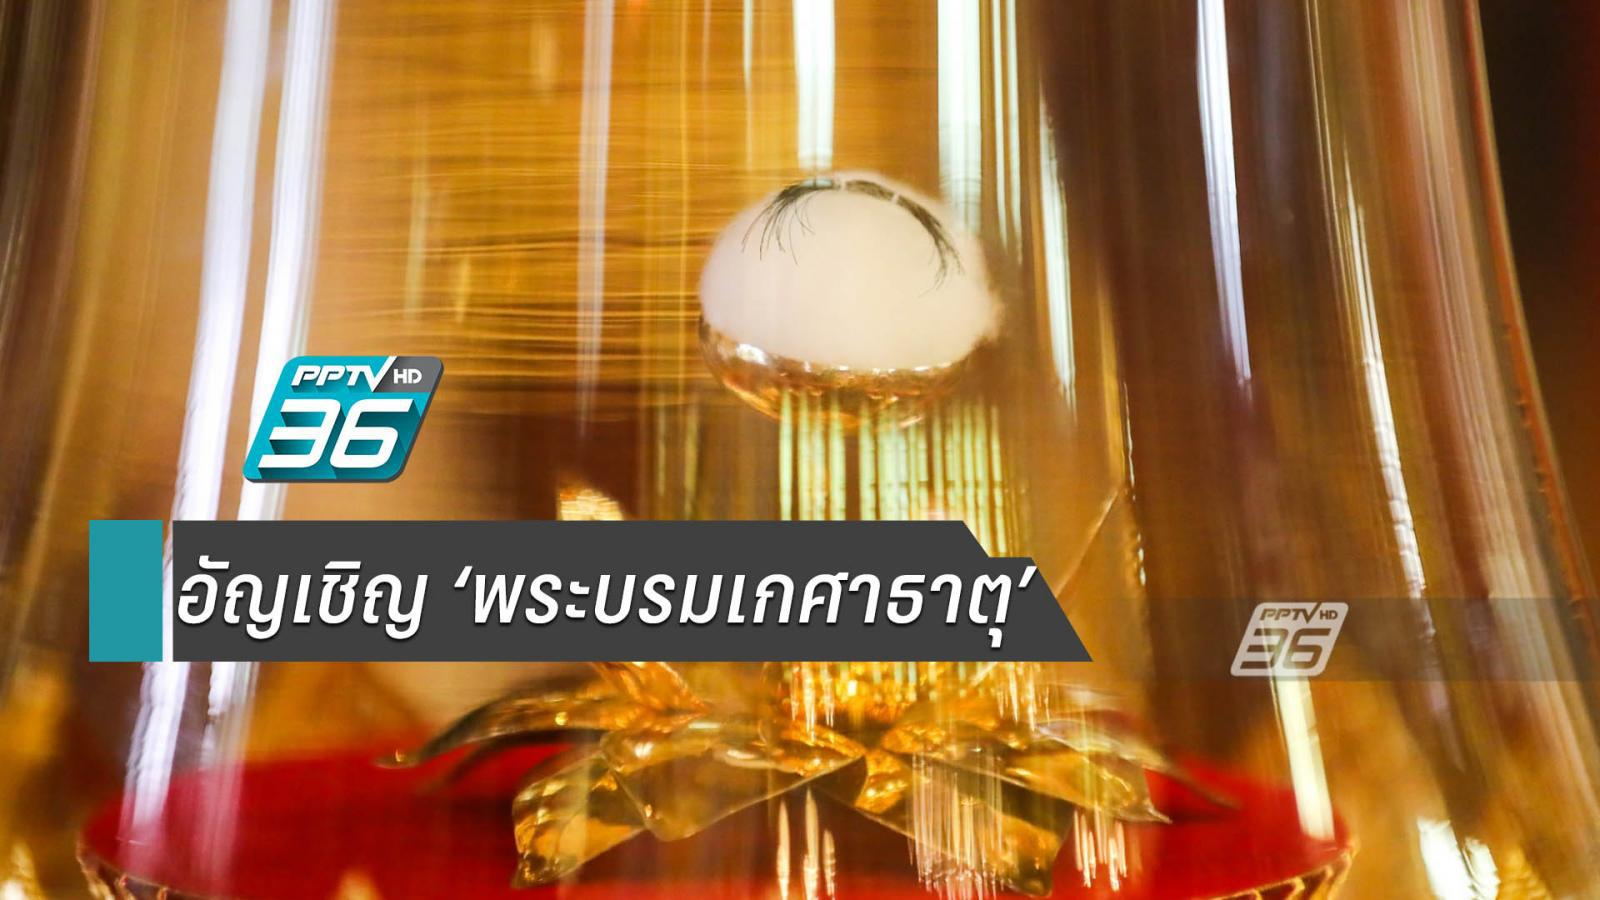 """พุทธศาสนิกชนร่วมริ้วขบวนอัญเชิญ """"พระบรมเกศาธาตุ"""" ศรีลังกามาไทยในรอบ 700 ปี"""